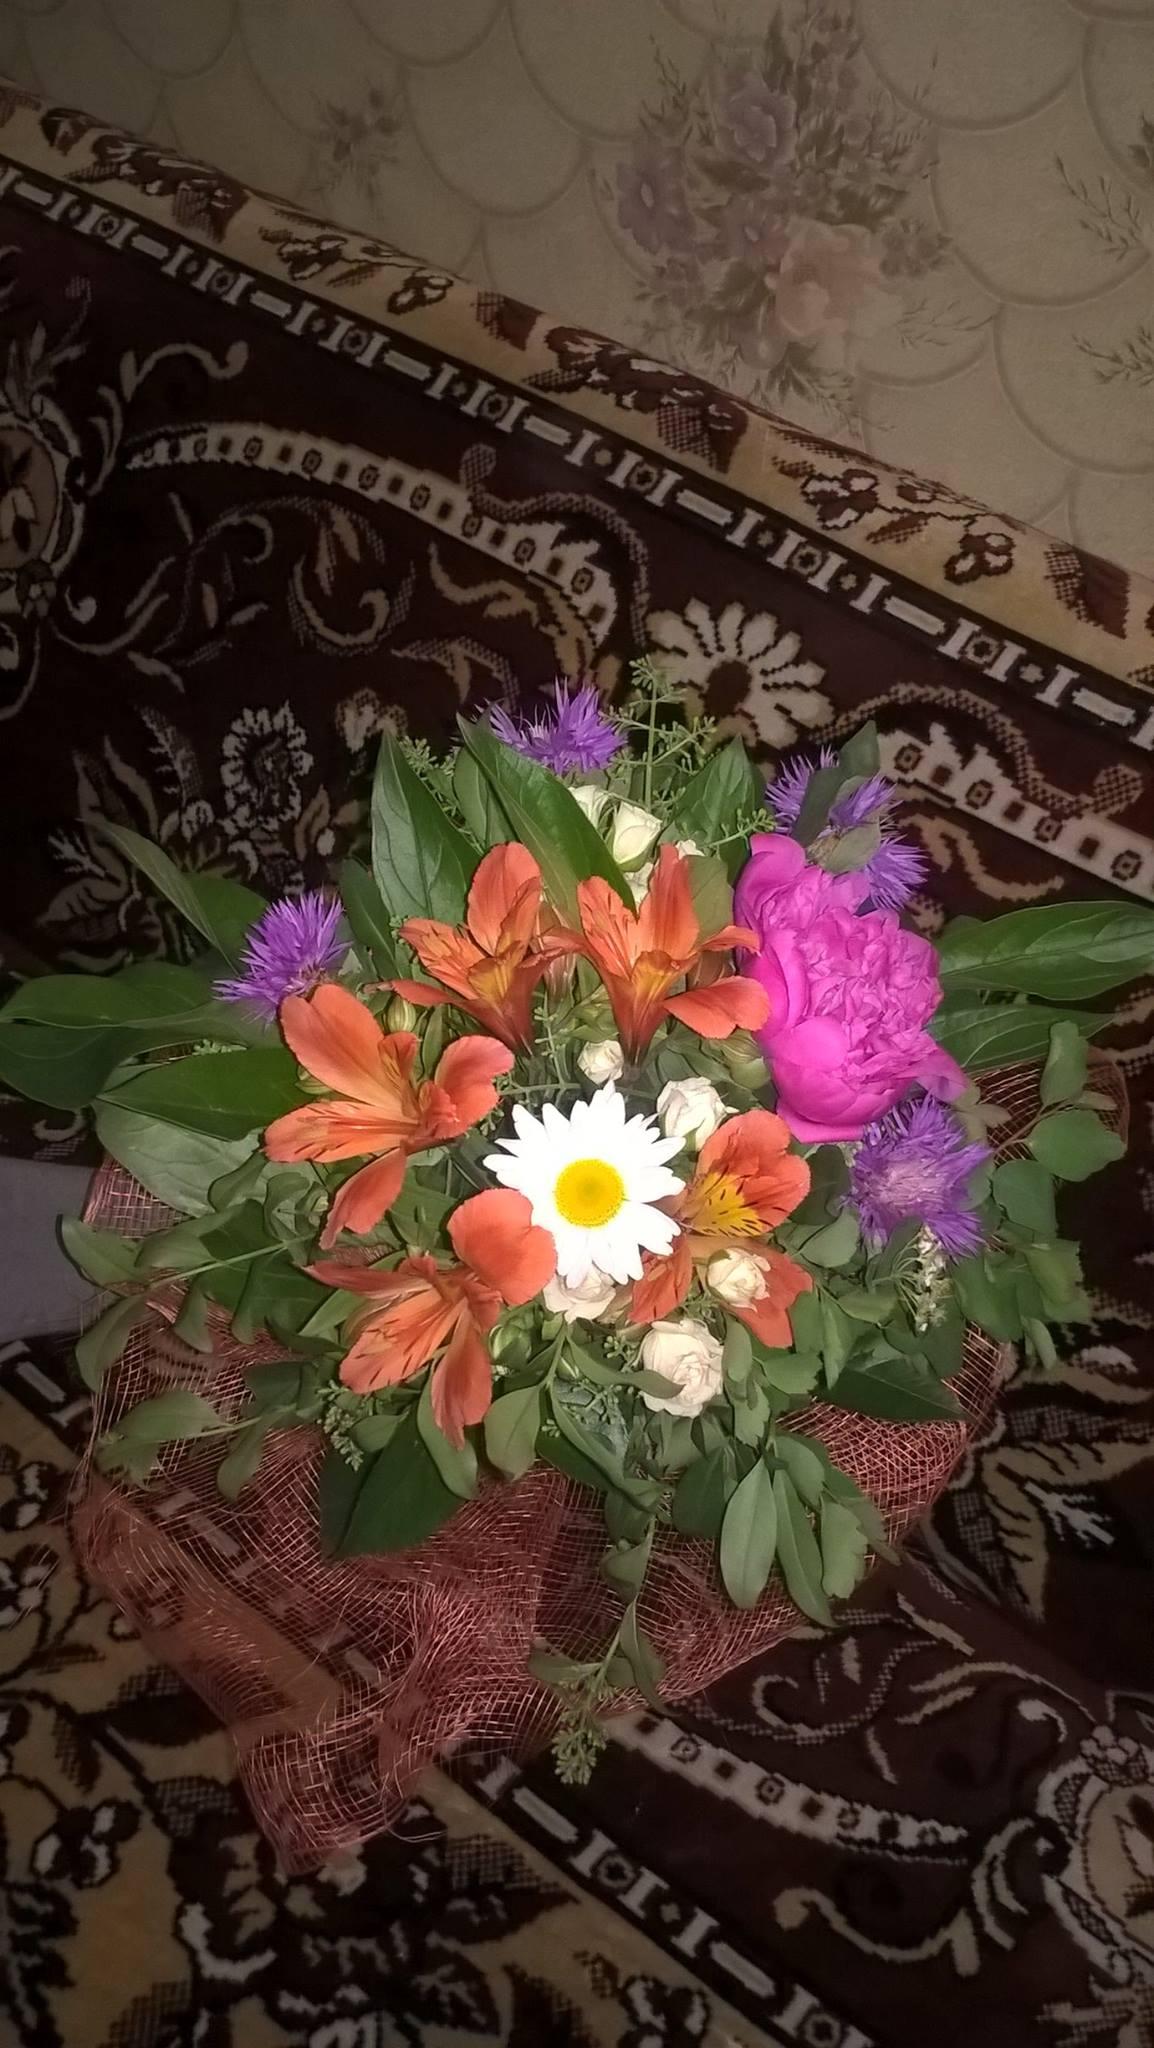 Миколаївці висміяли принизливий подарунок влади матерім-героїням - фото 1